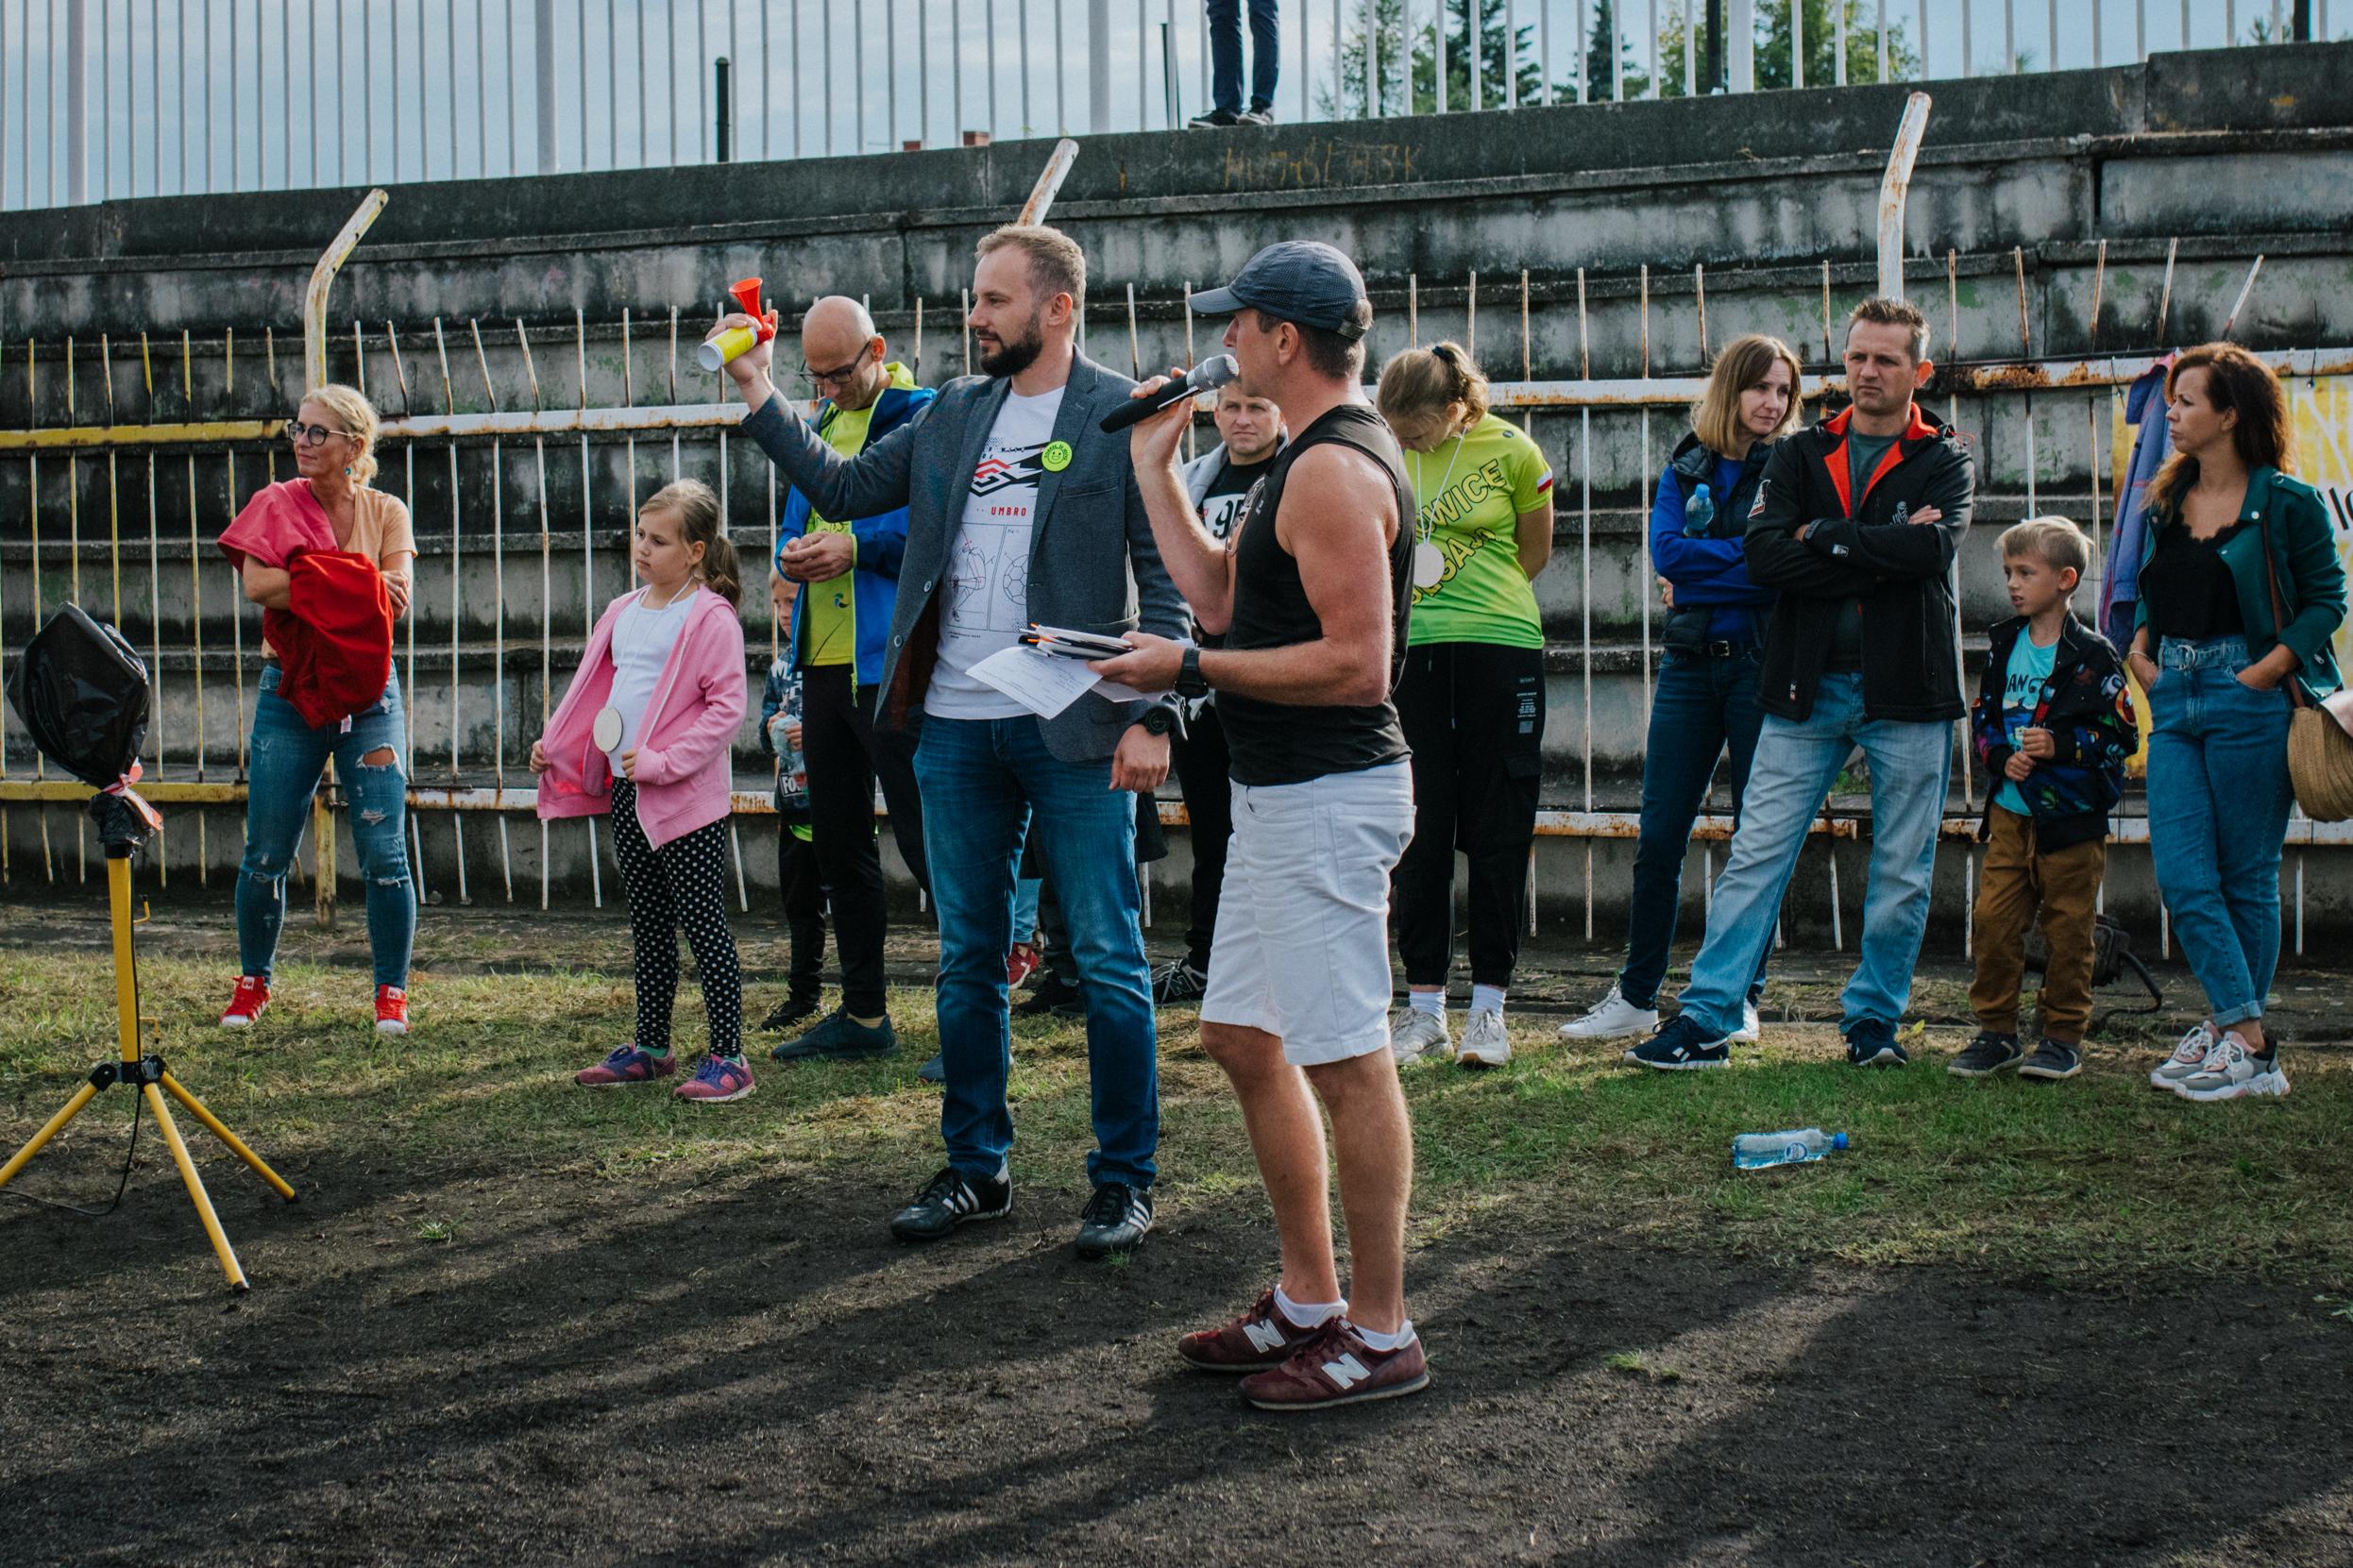 Starterem biegu głównego był burmistrz miasta Rydułtowy, Marcin Połomski